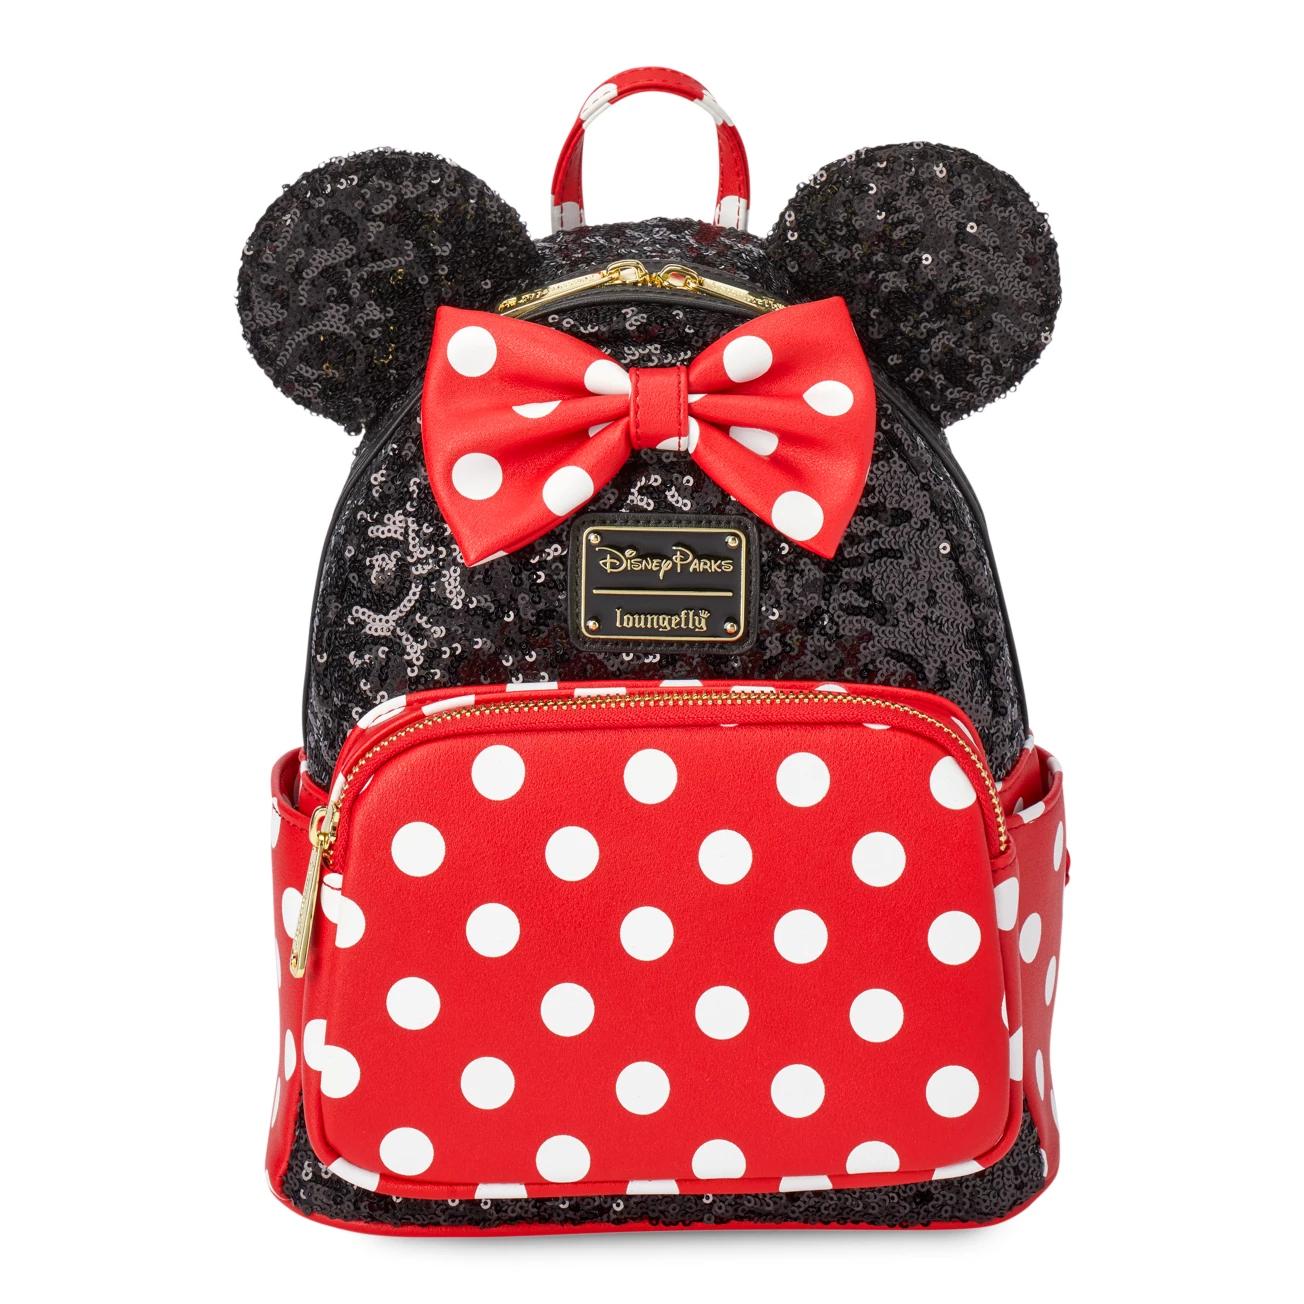 Mochila Minnie Mouse x2021s